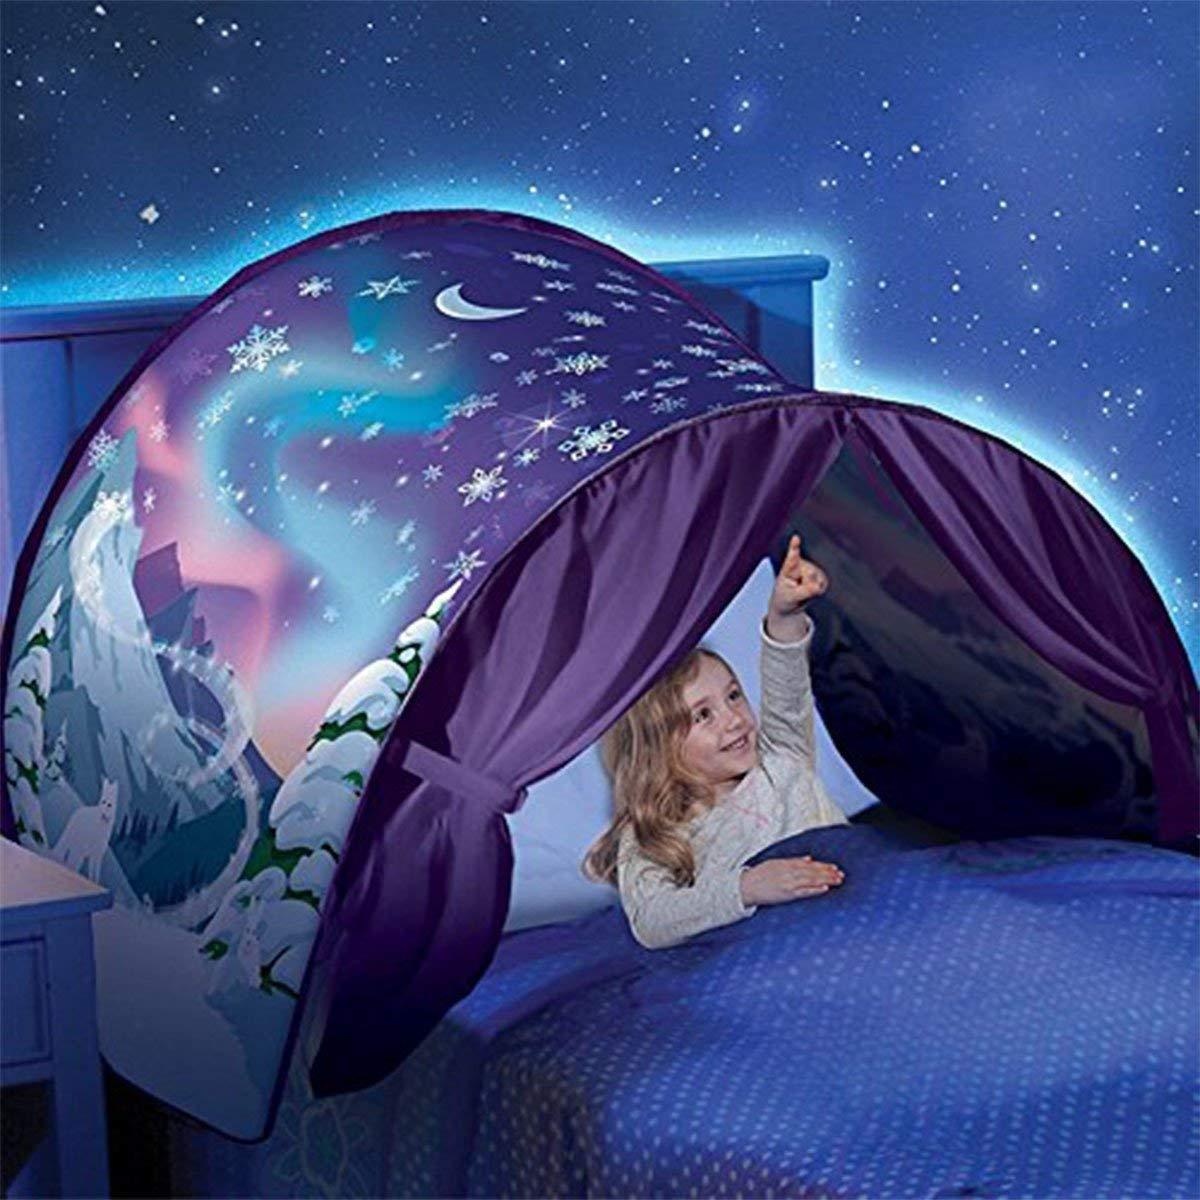 Magical World Tente de Jeu Lit Enfant Intérieur Rêve pour Fille Garçon Kid's Fantasy House (A) JIAJIA YL